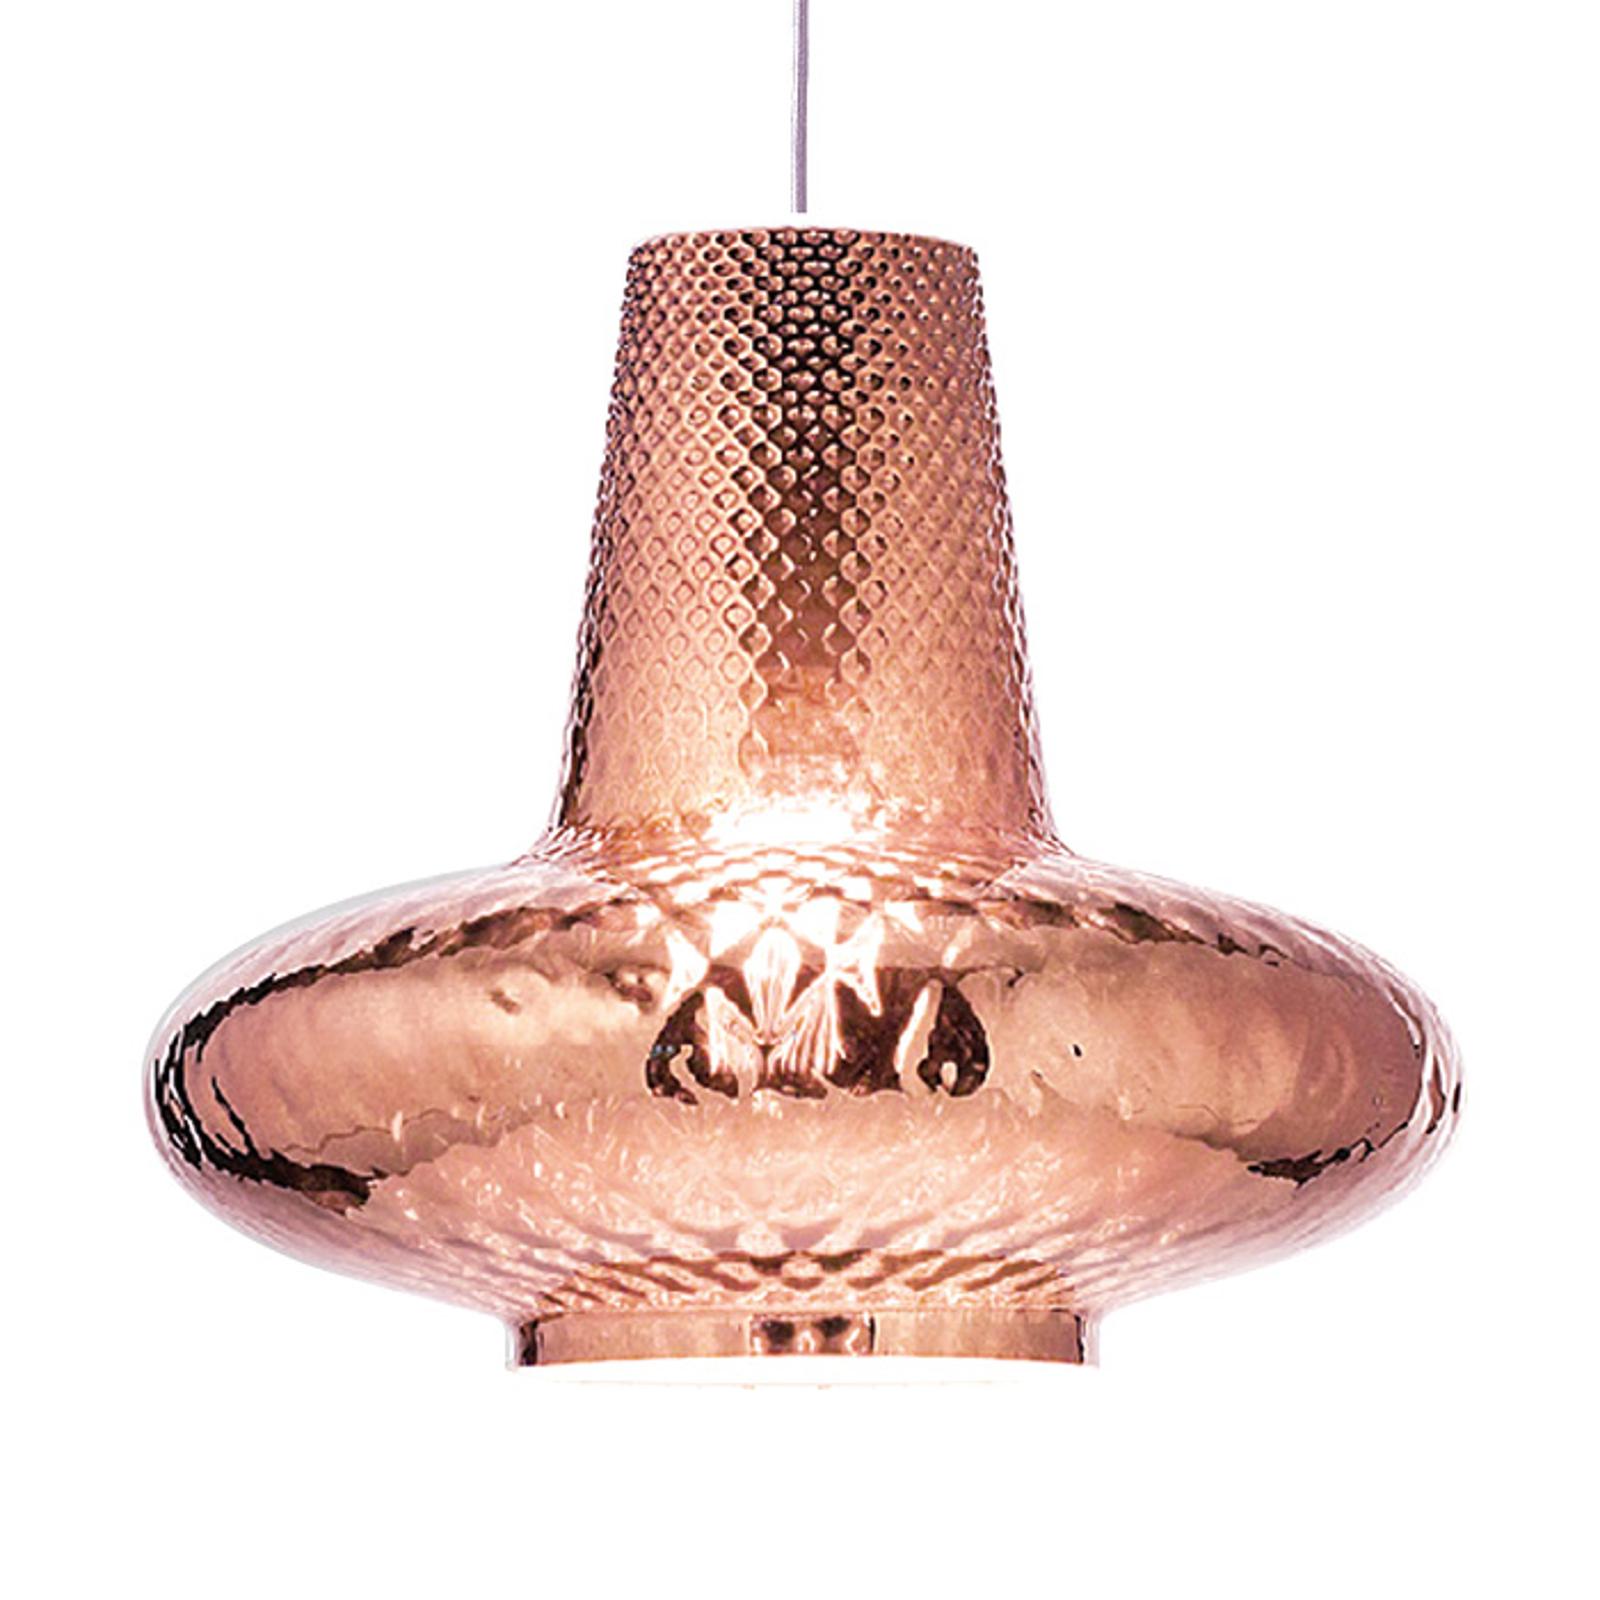 Hængelampe Giulietta 130 cm metallisk rosaguld